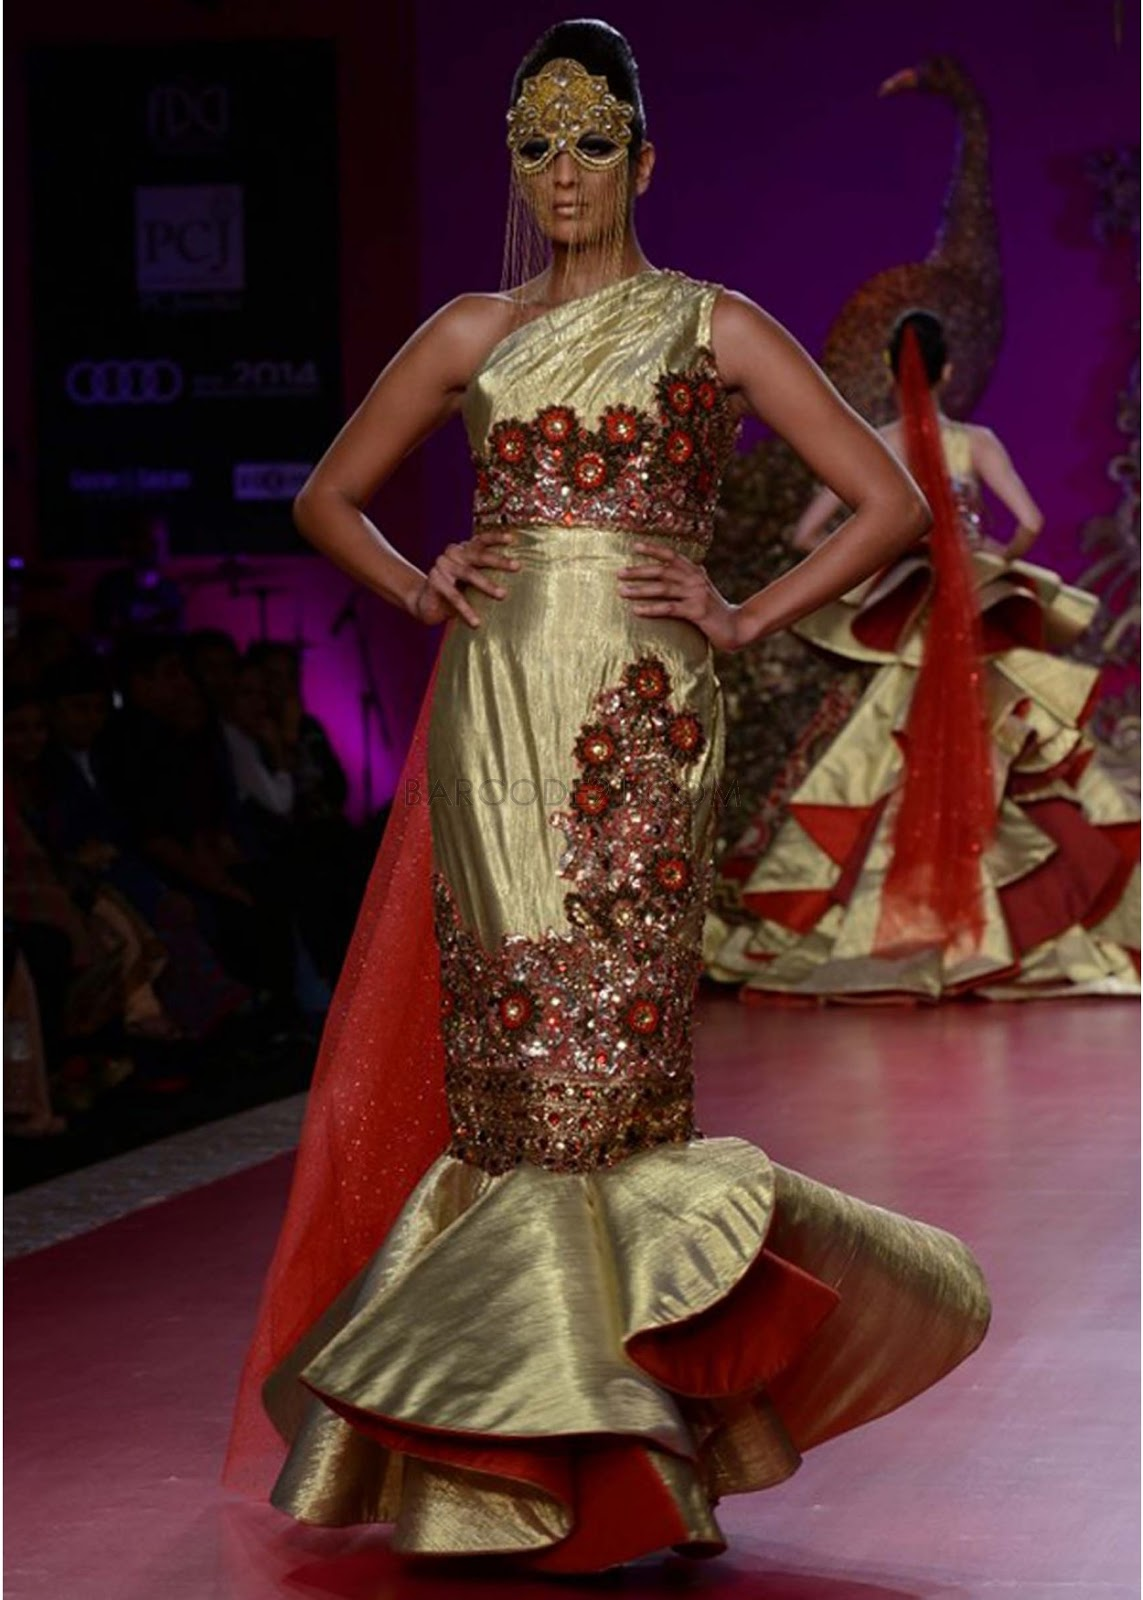 Ritu Beri Collection at PCJ Delhi - 195.0KB